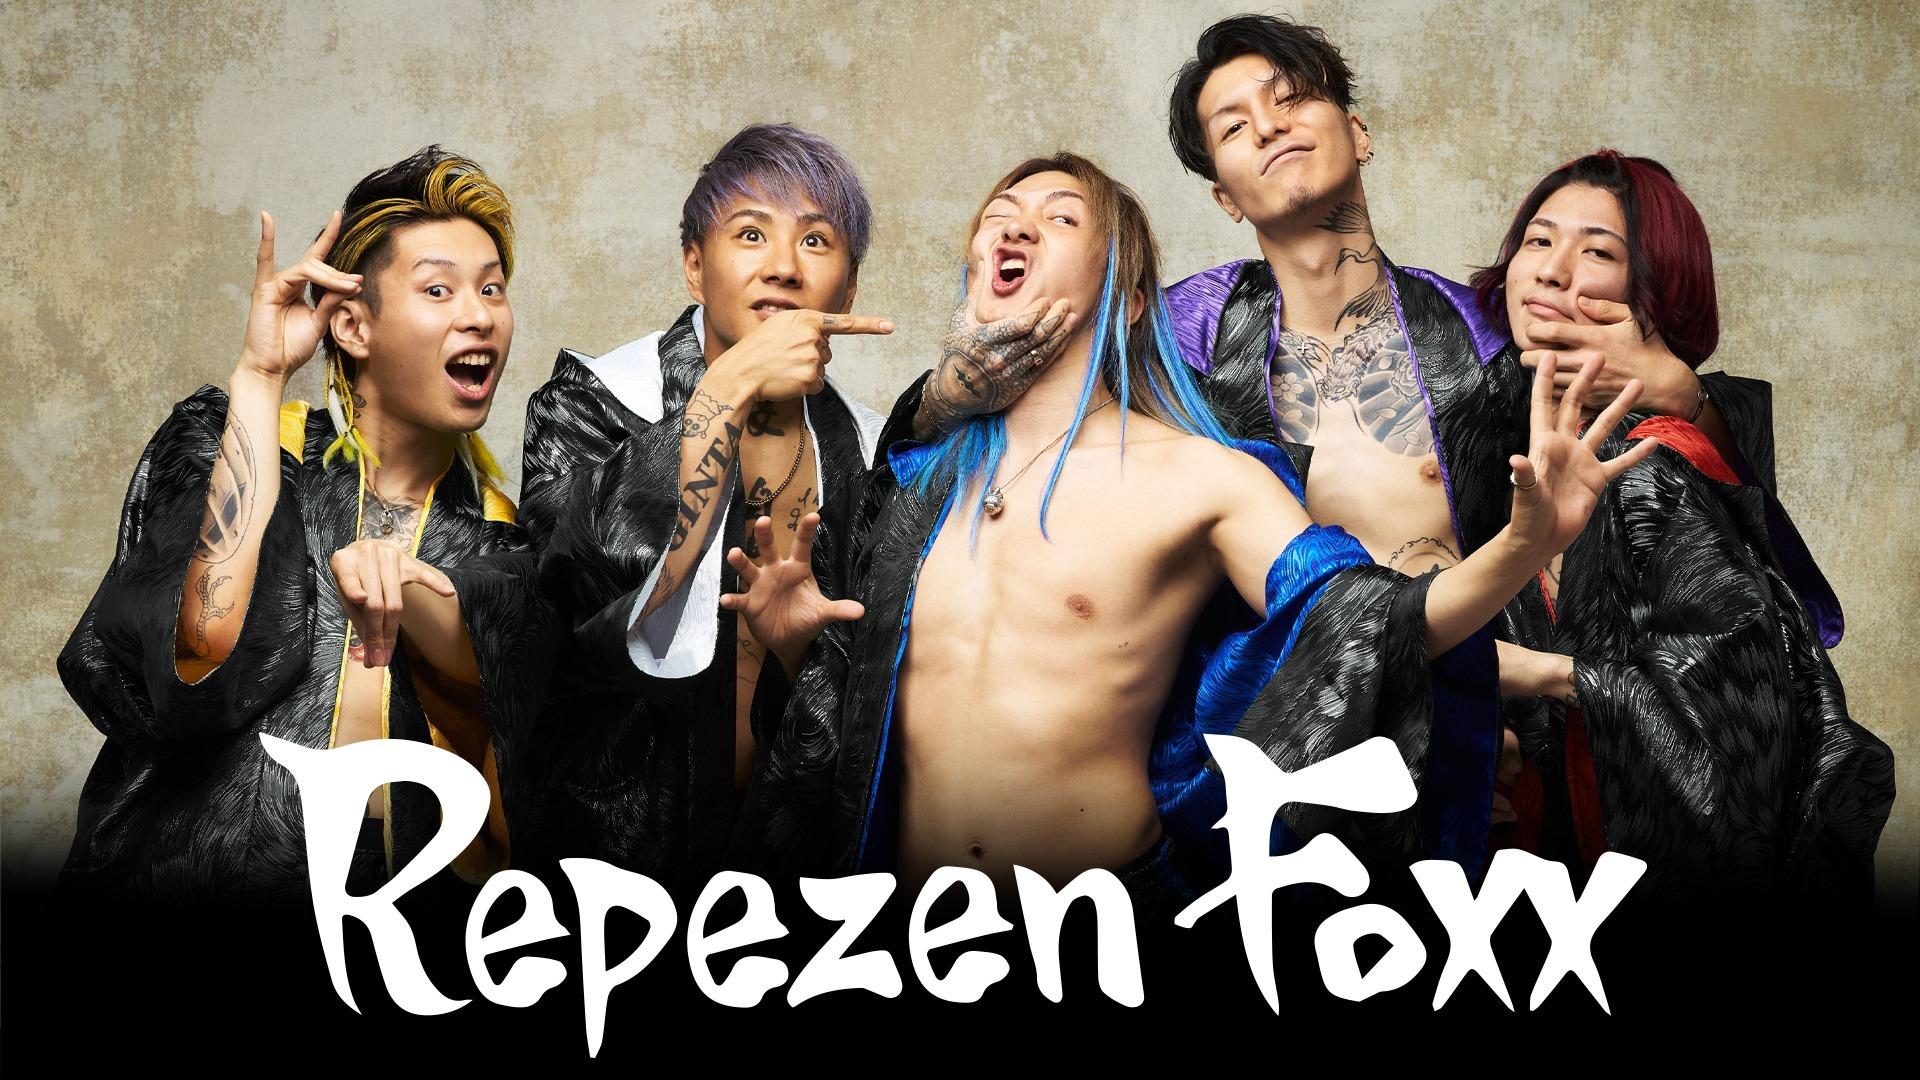 Repezen Foxxの極悪オンラインサロン(ファンクラブ)